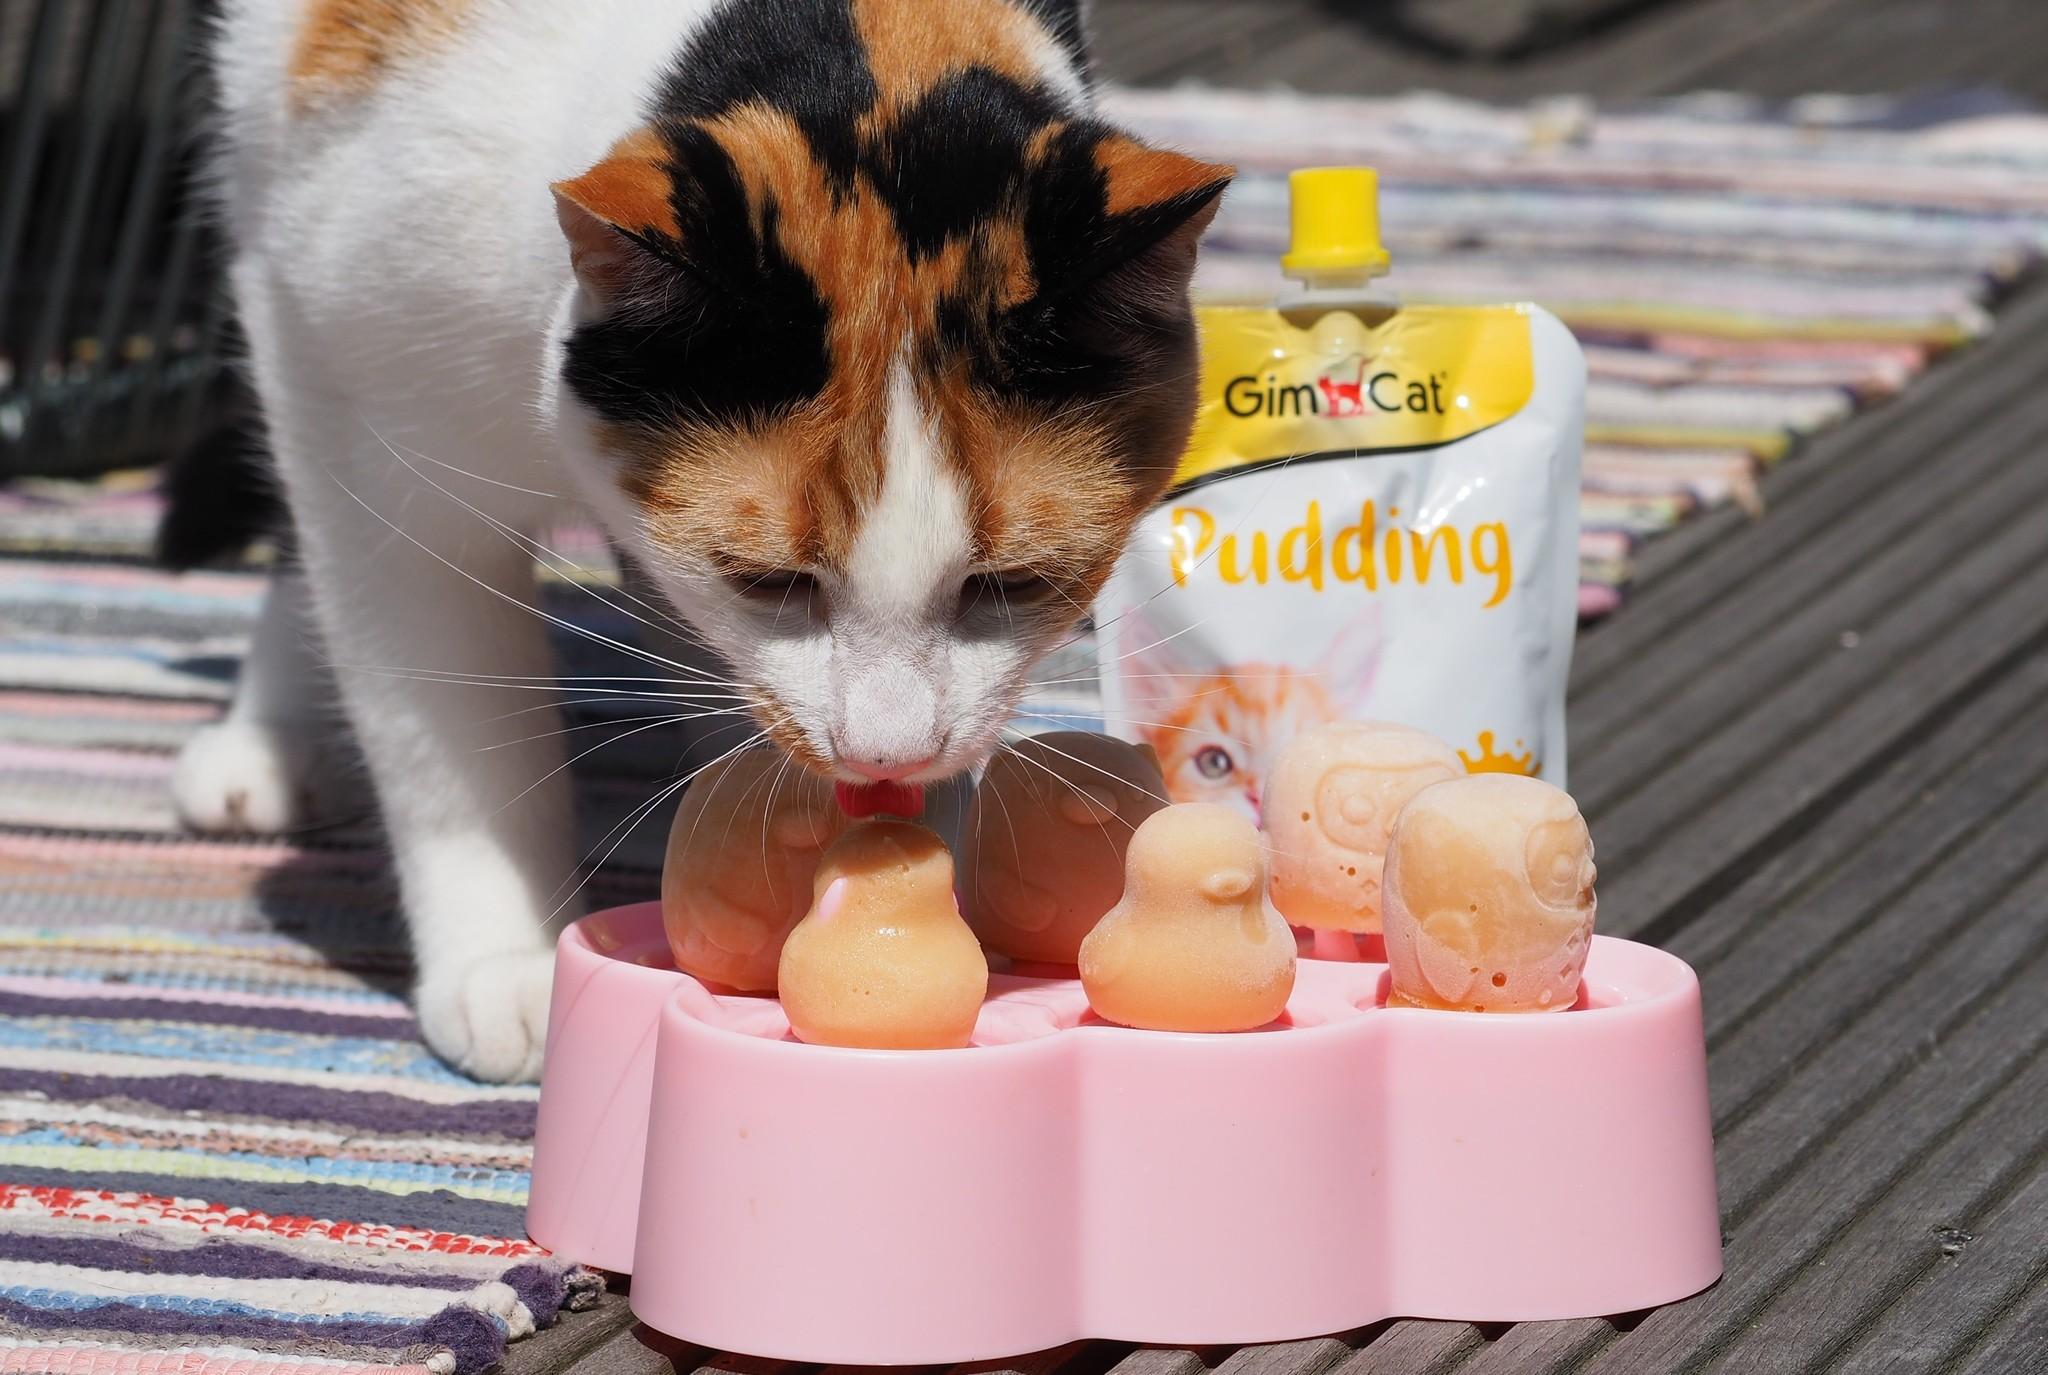 Gimcat pudding katten ijsje